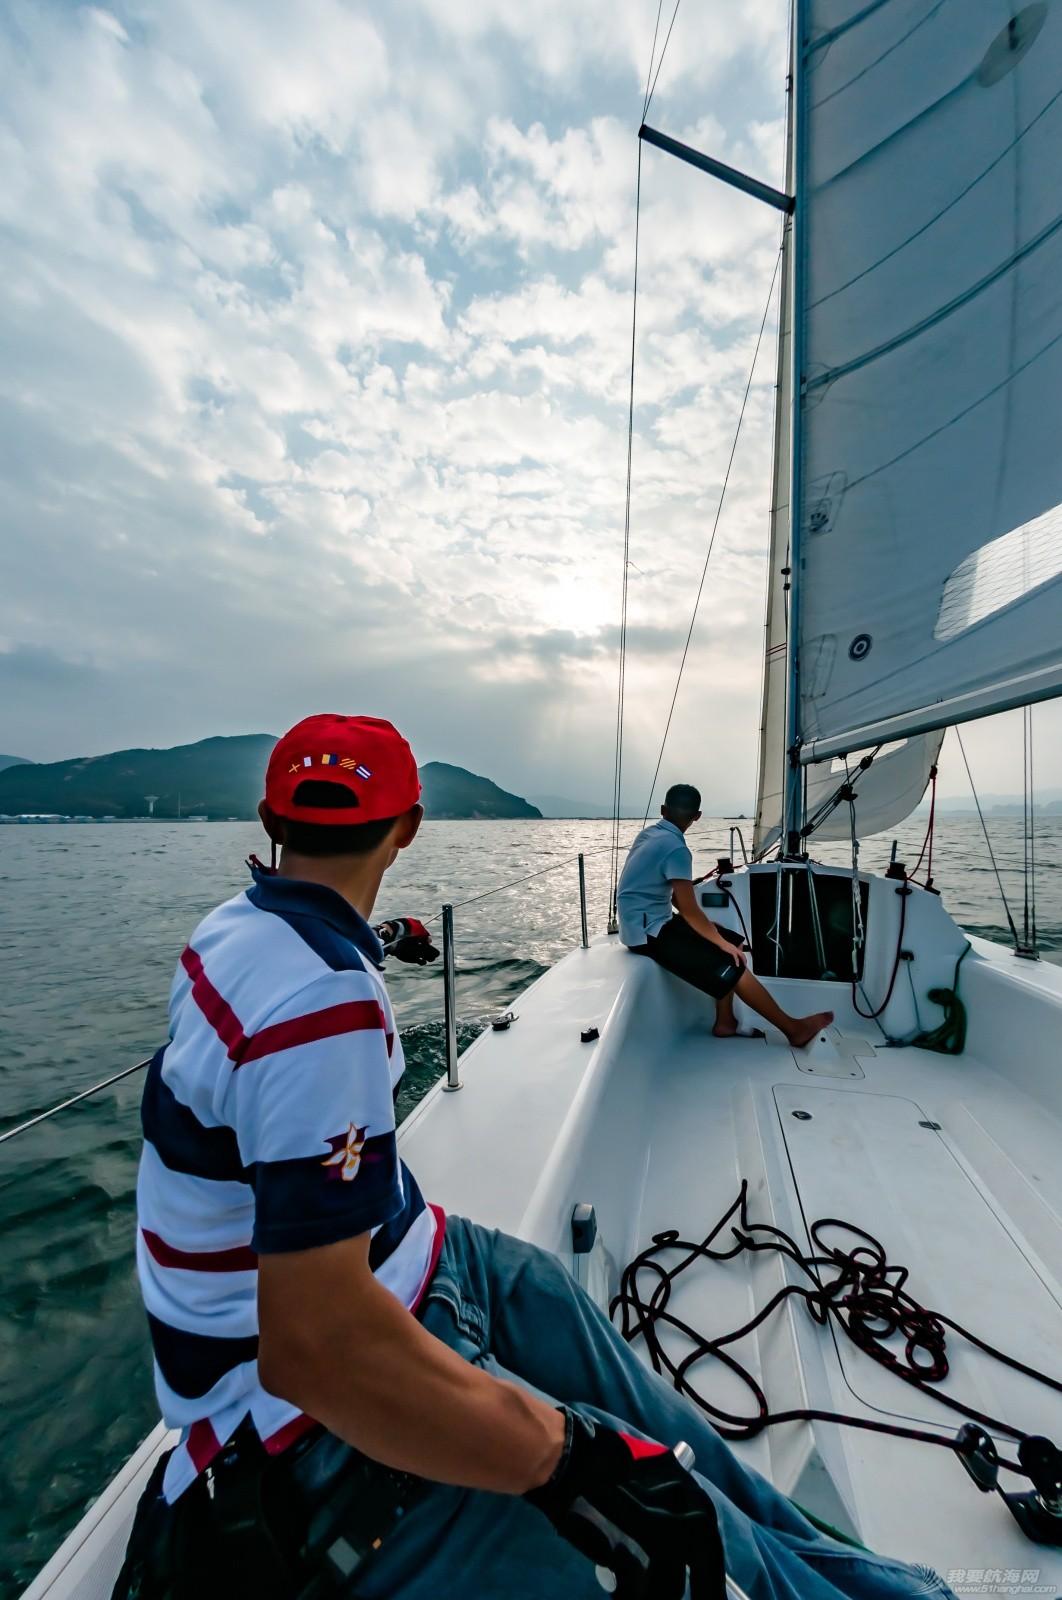 帆船 【2015大鹏杯帆船赛】鱼眼看航海 16059.jpg